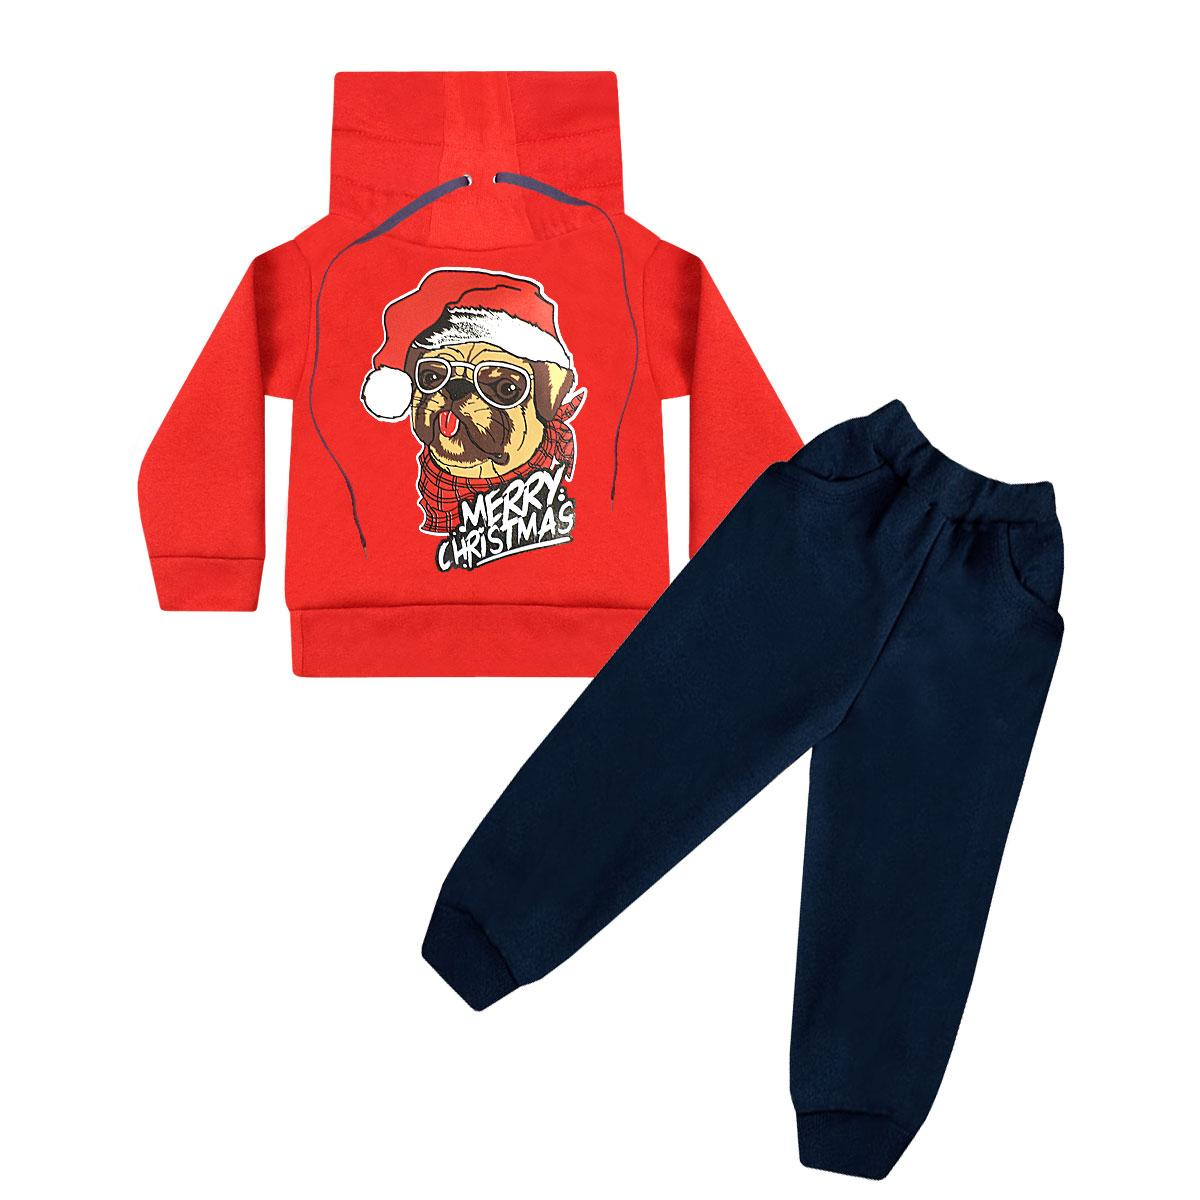 Детский новогодний костюм для мальчика Рождественский Мопс трехнитка